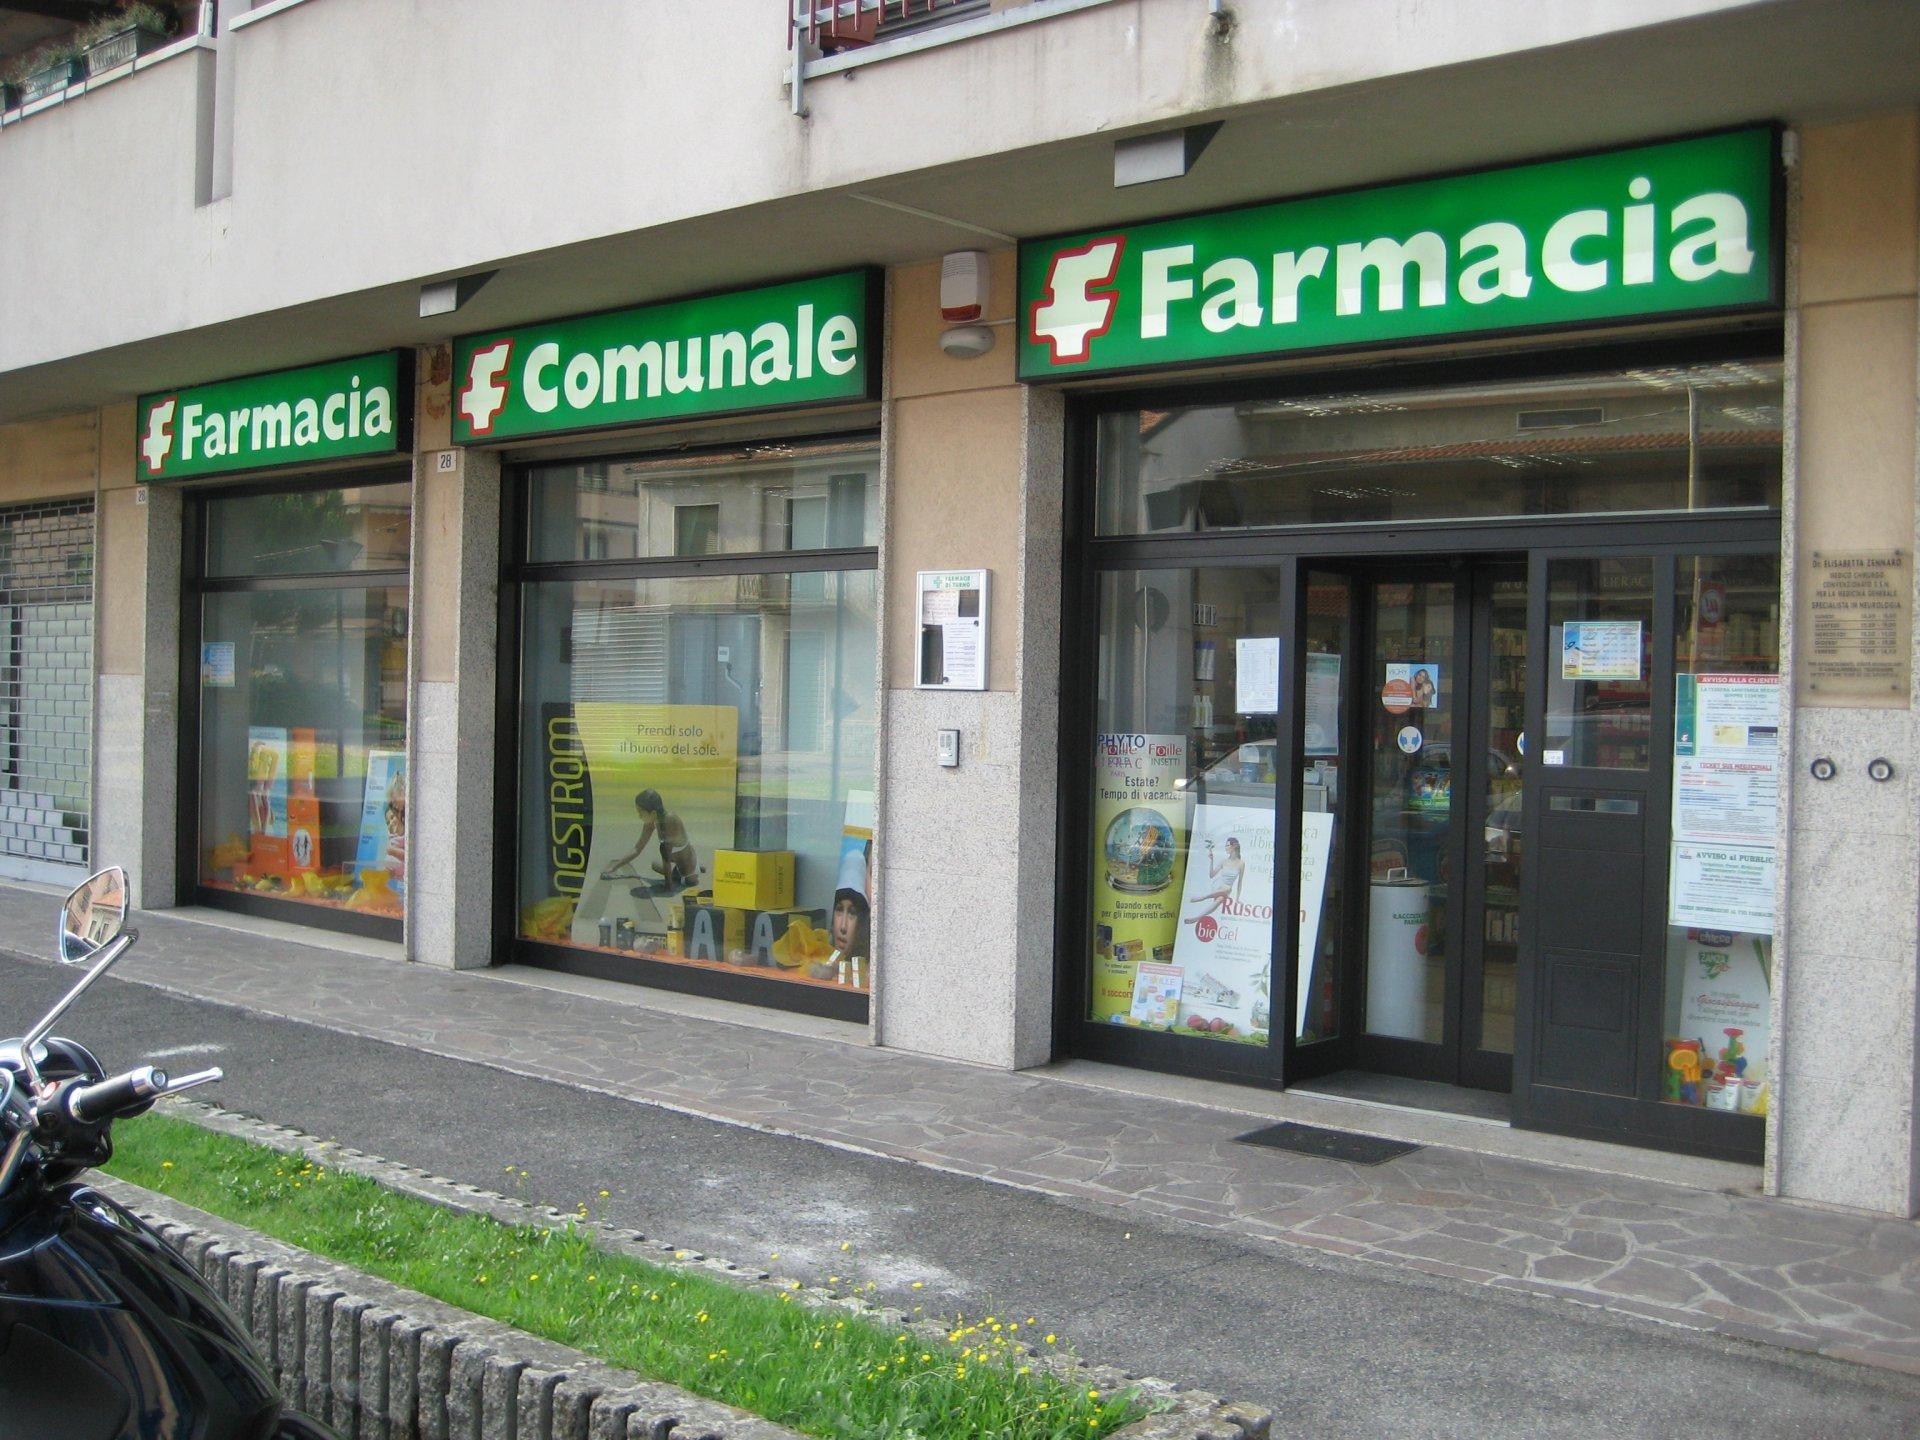 La farmacia comunale numero 3 a Lissone